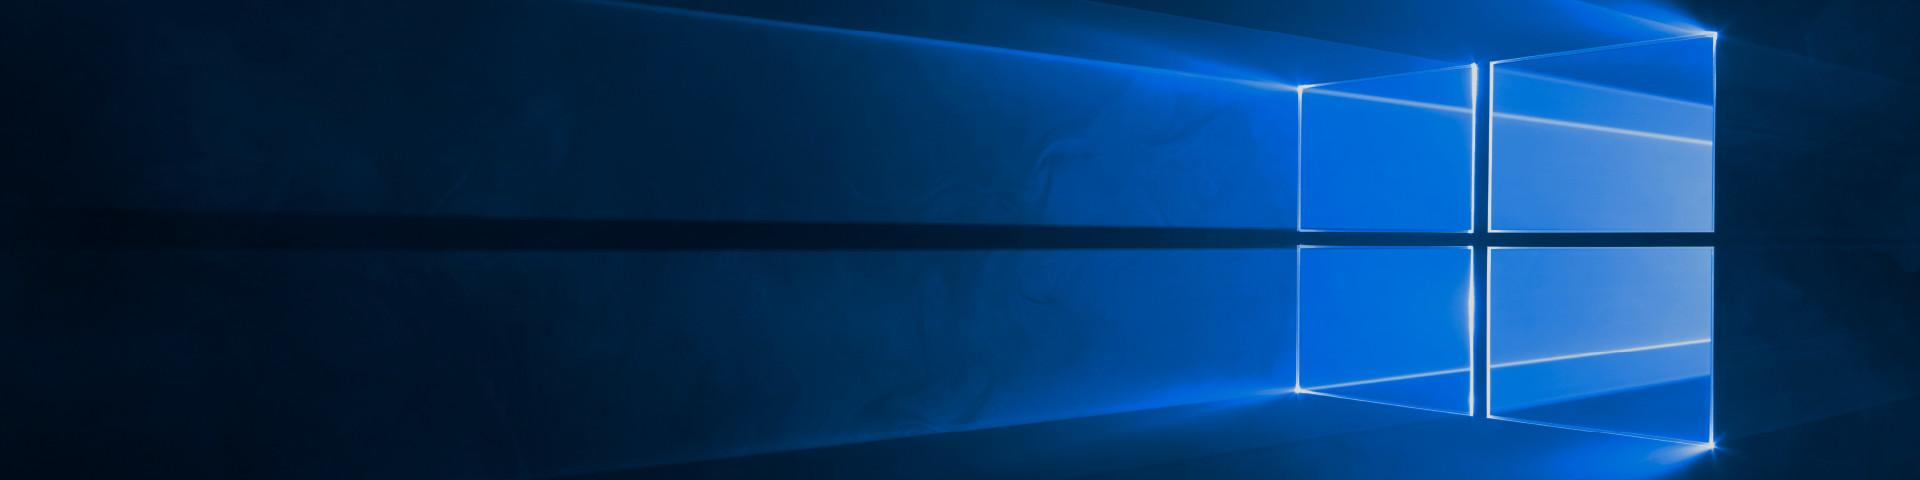 Światło wpadające przez okno, kup ipobierz system Windows10